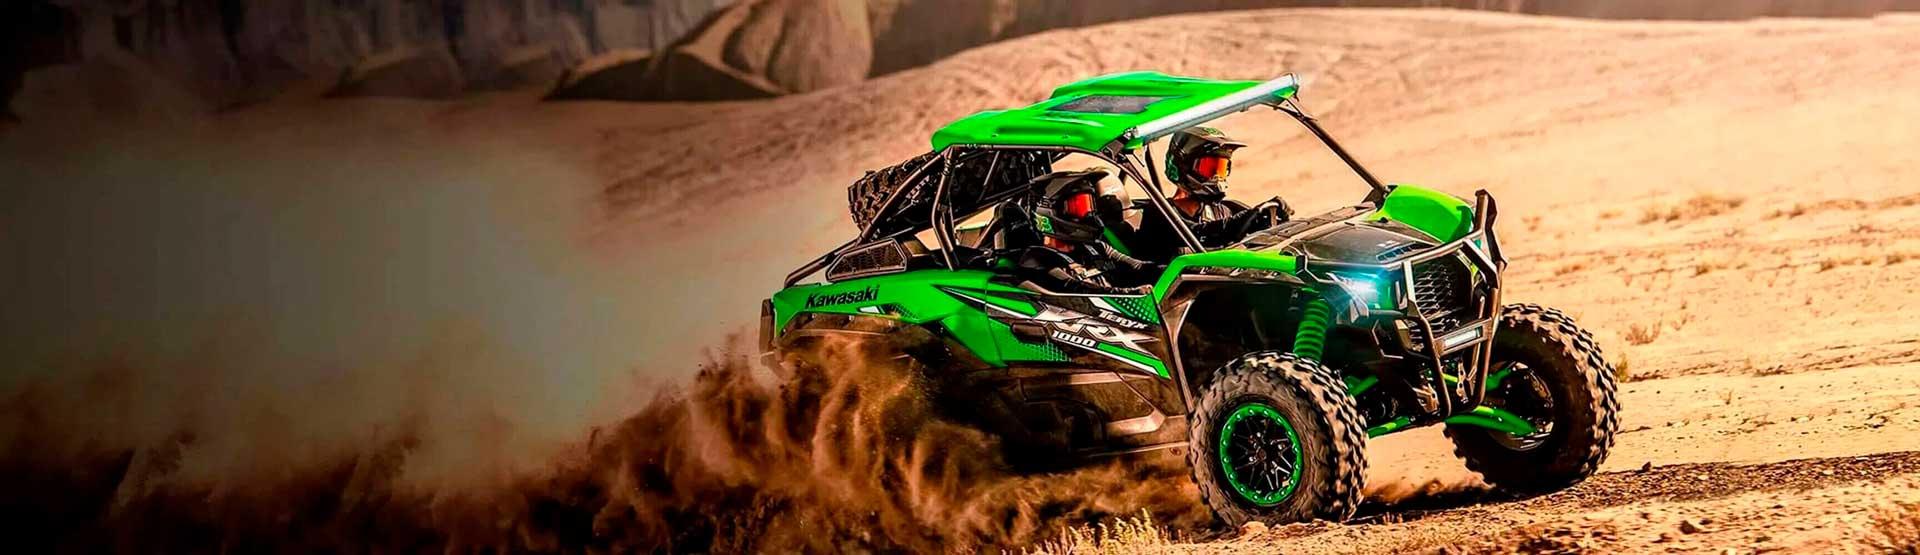 Teryx 1000 Kawasaki